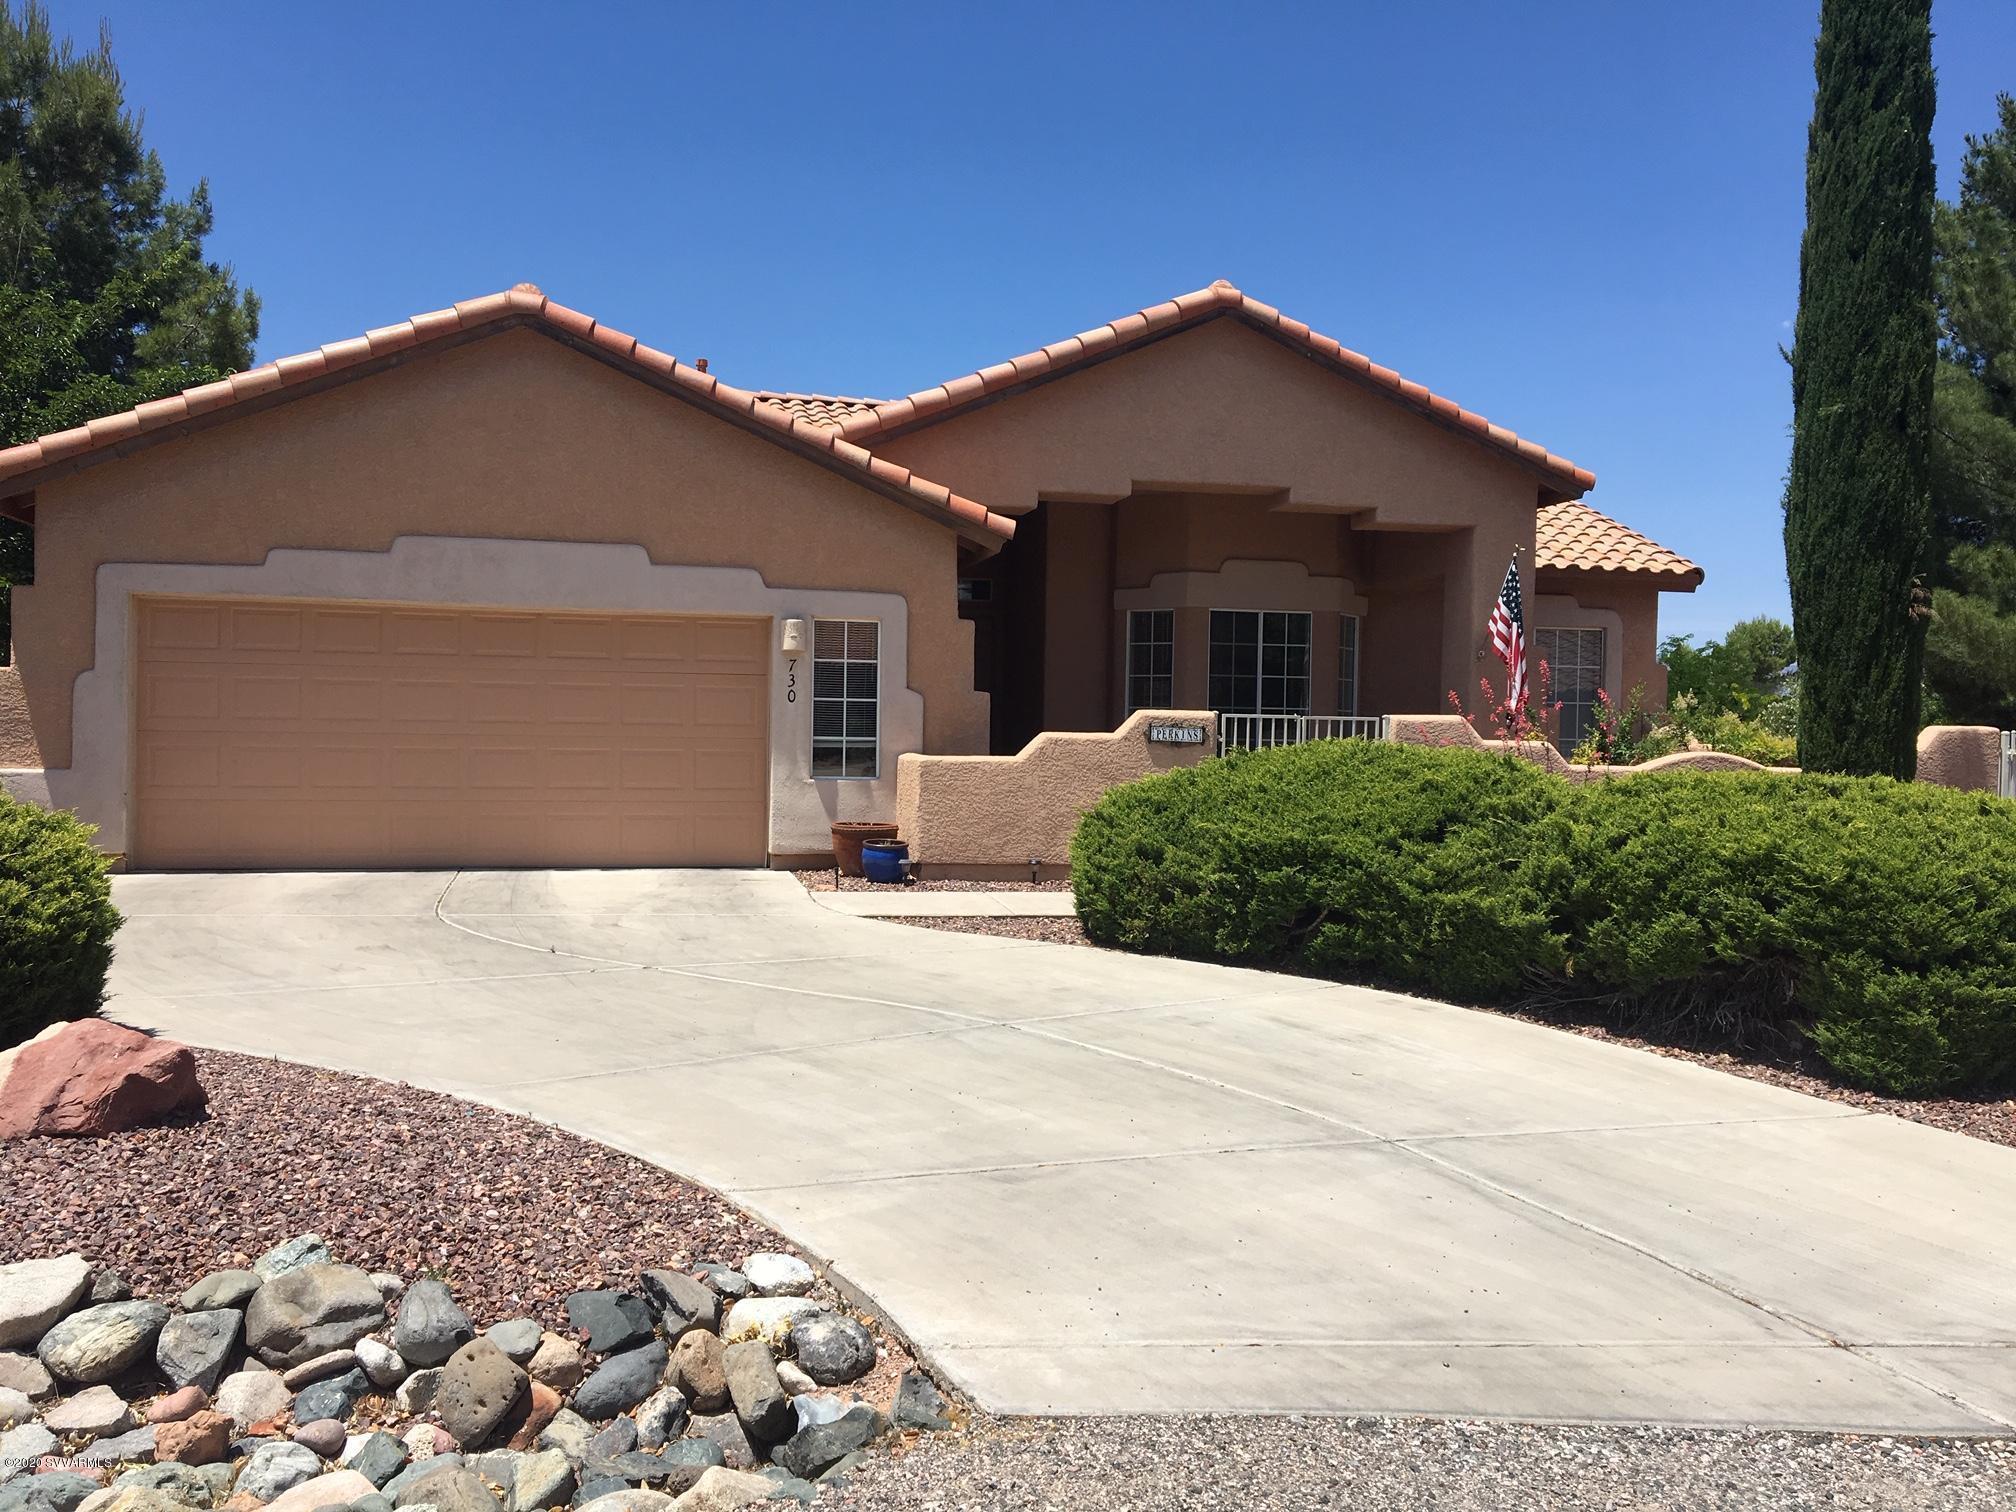 730 S Soaring Eagle Way Cornville, AZ 86325